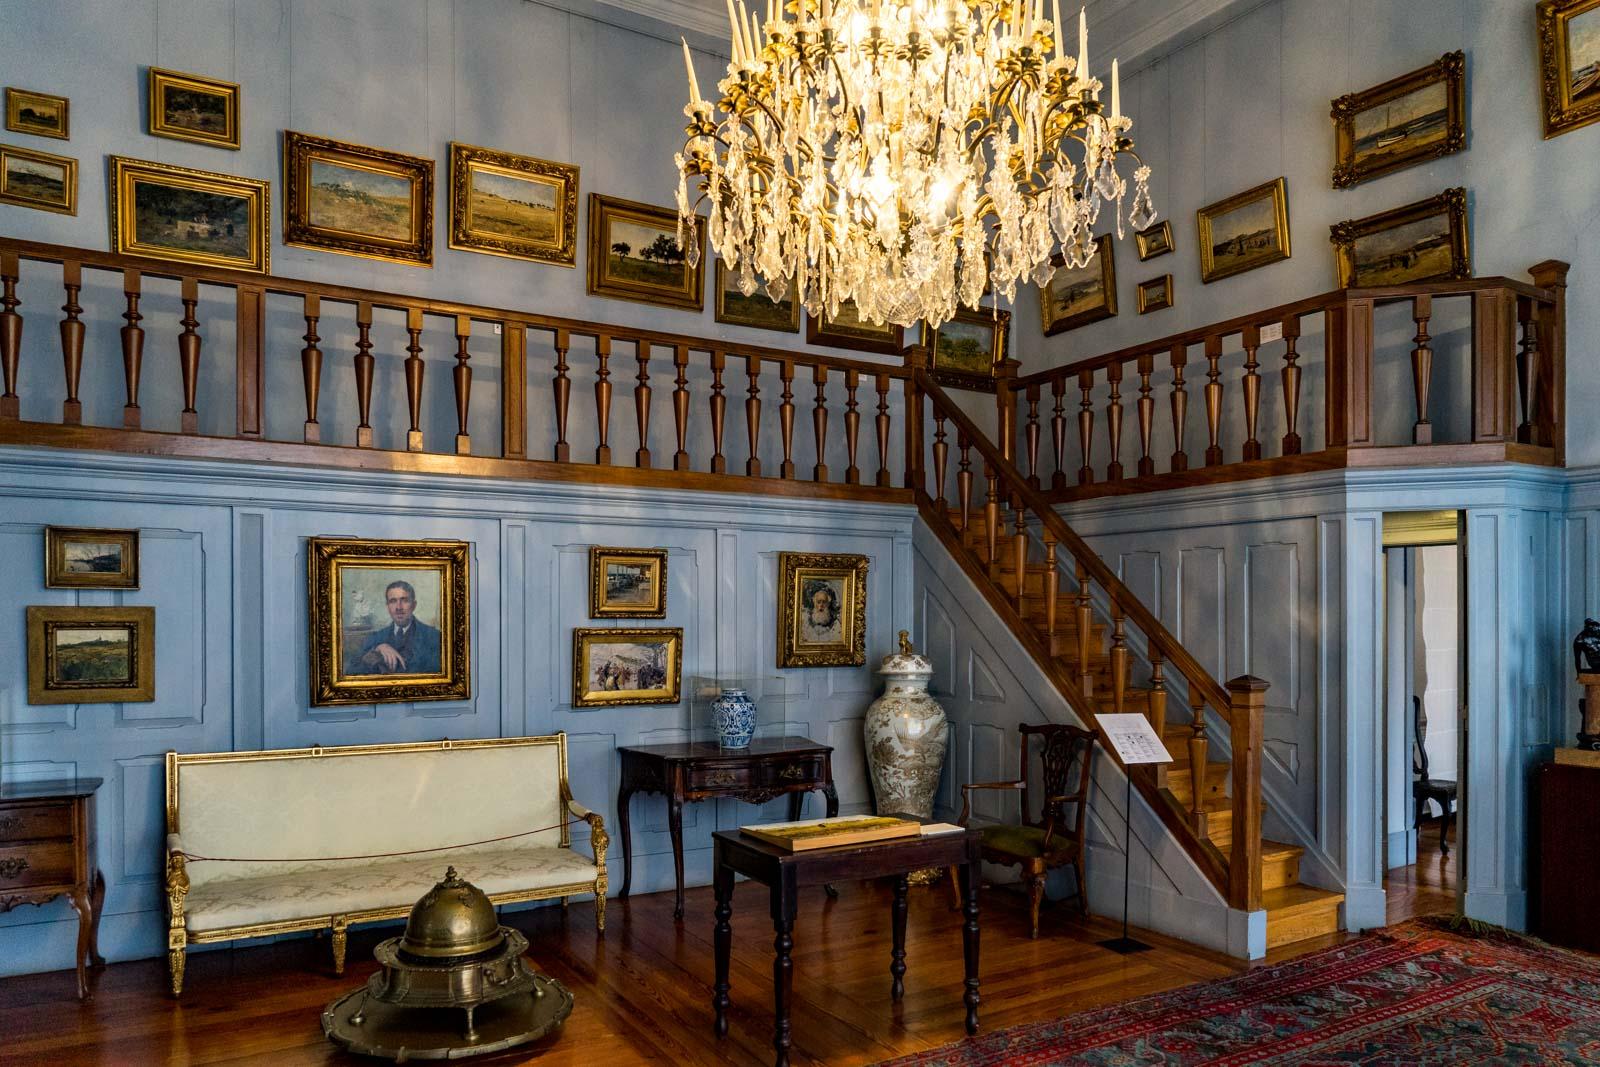 Casa-Museu Dr. Anastácio Gonçalves, Lisbon, Portugal